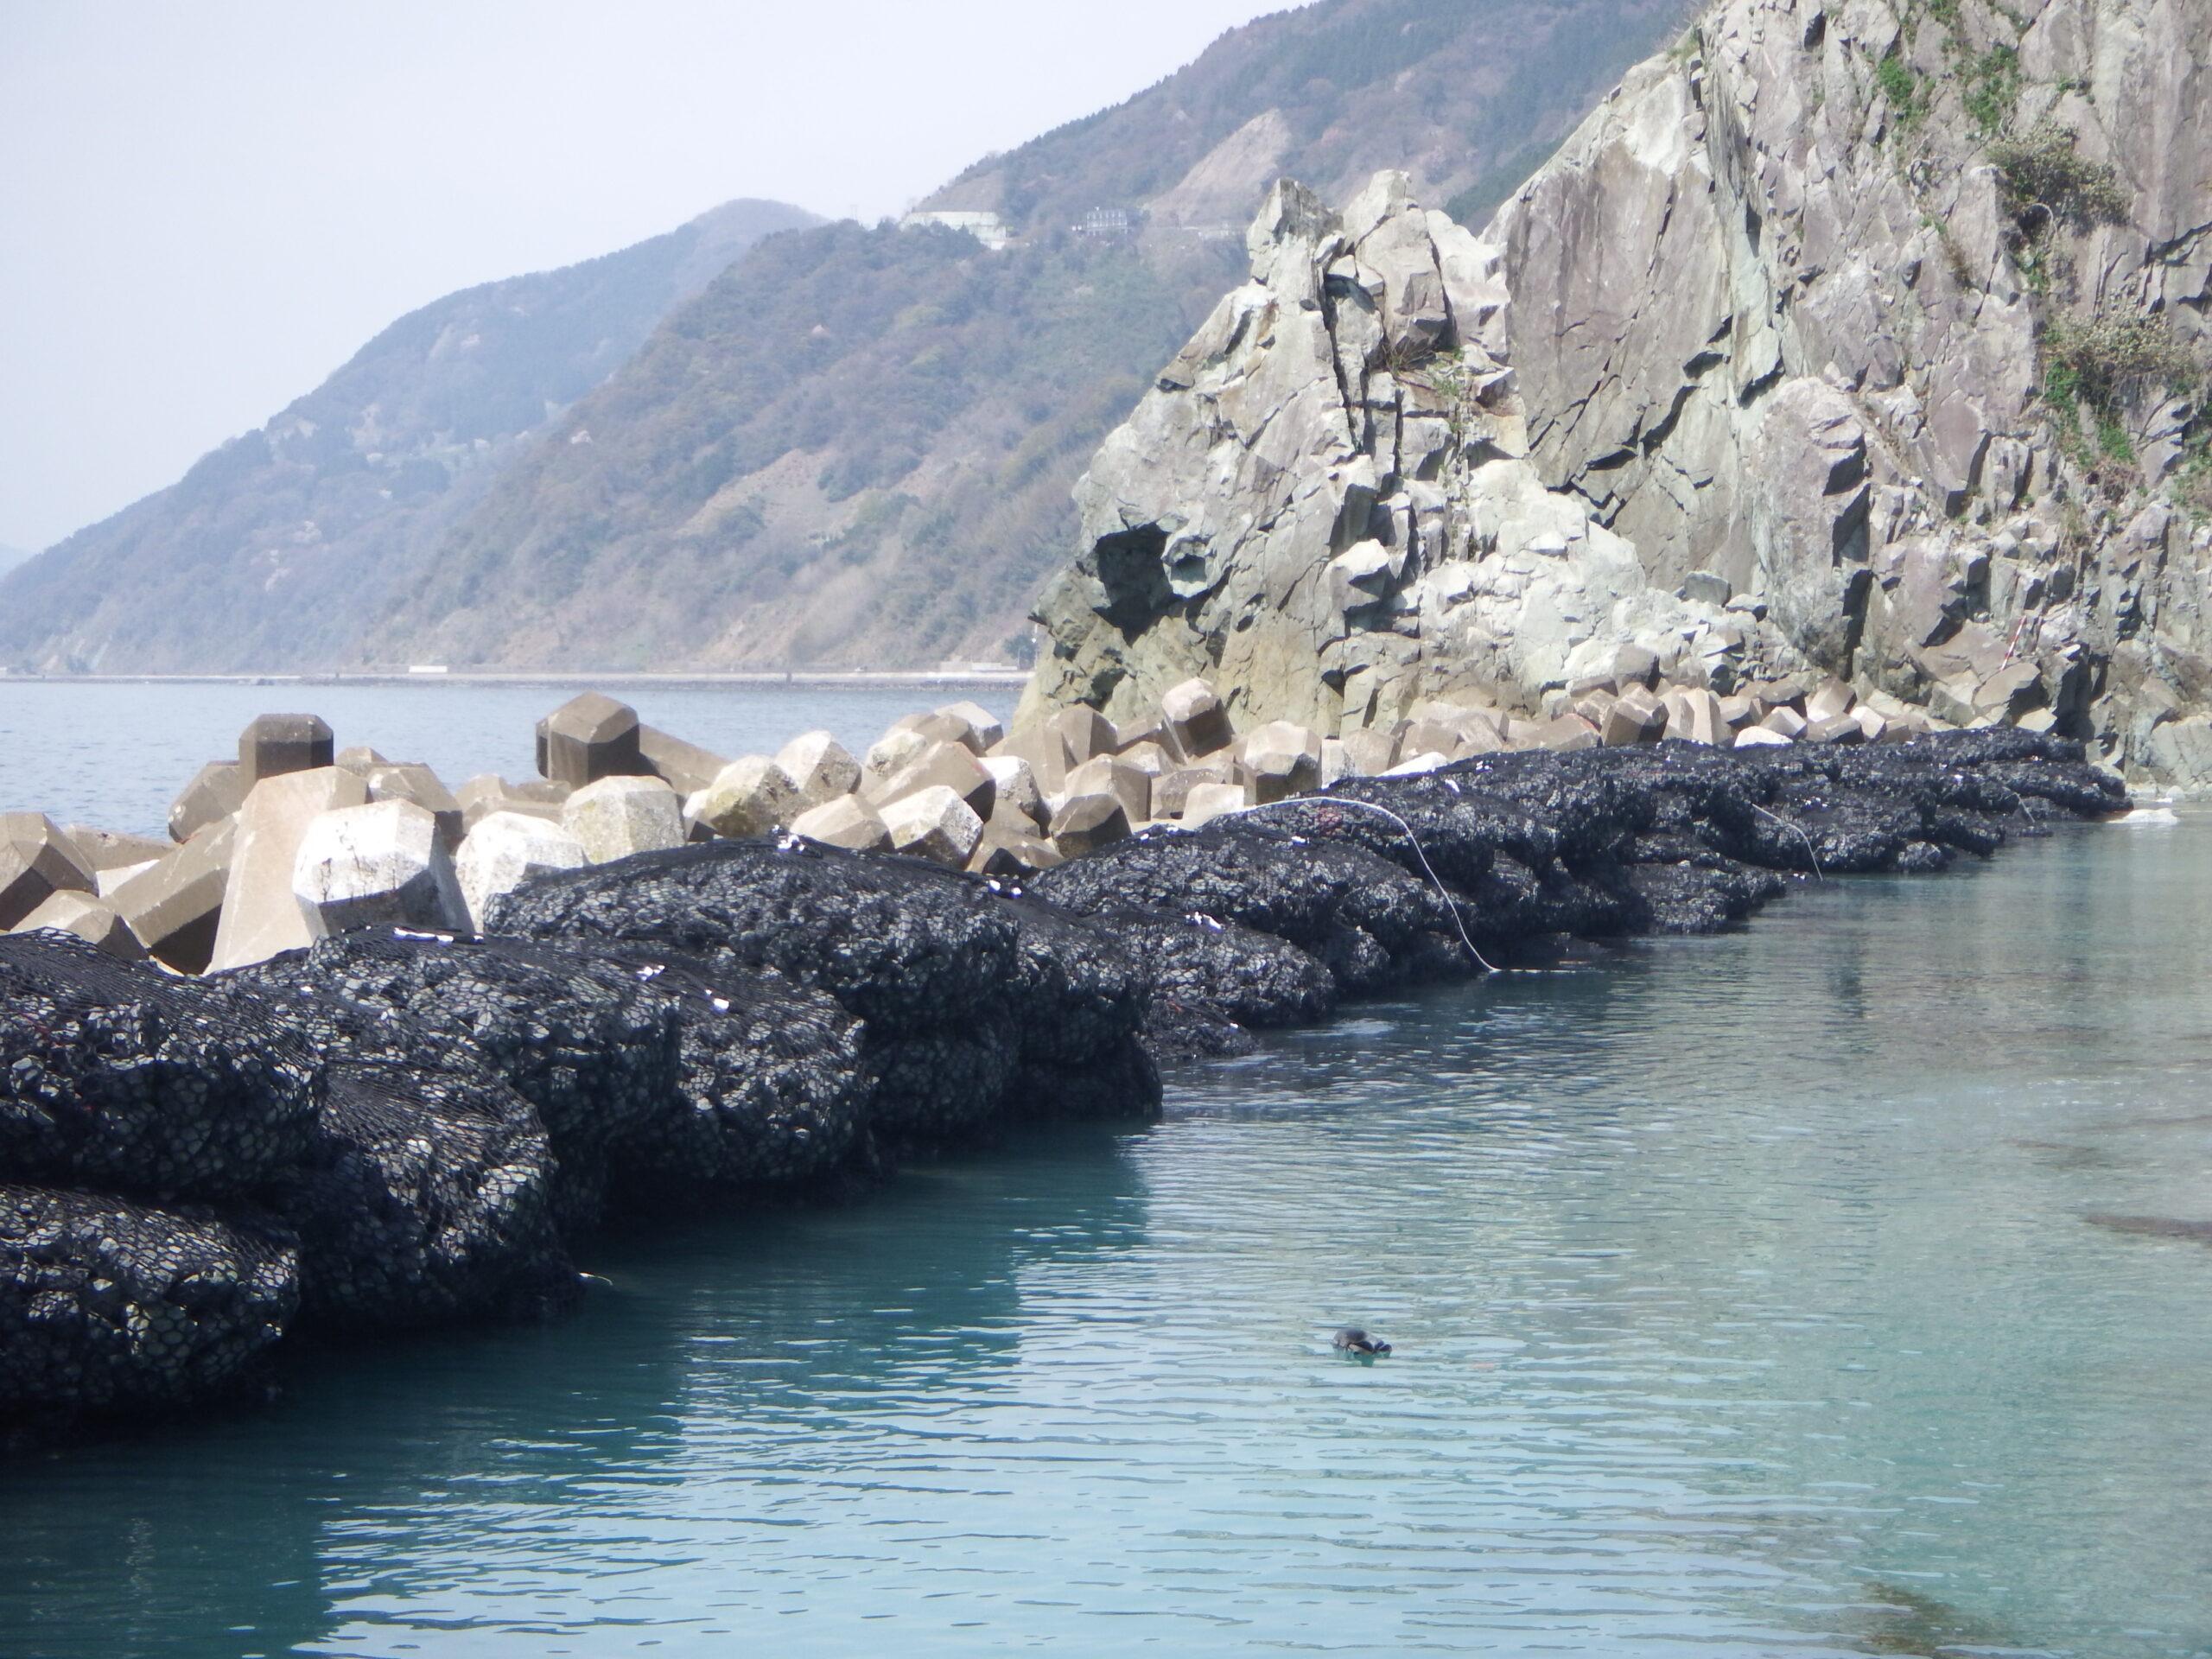 パワフルユニット:応急復旧(海洋/福井)